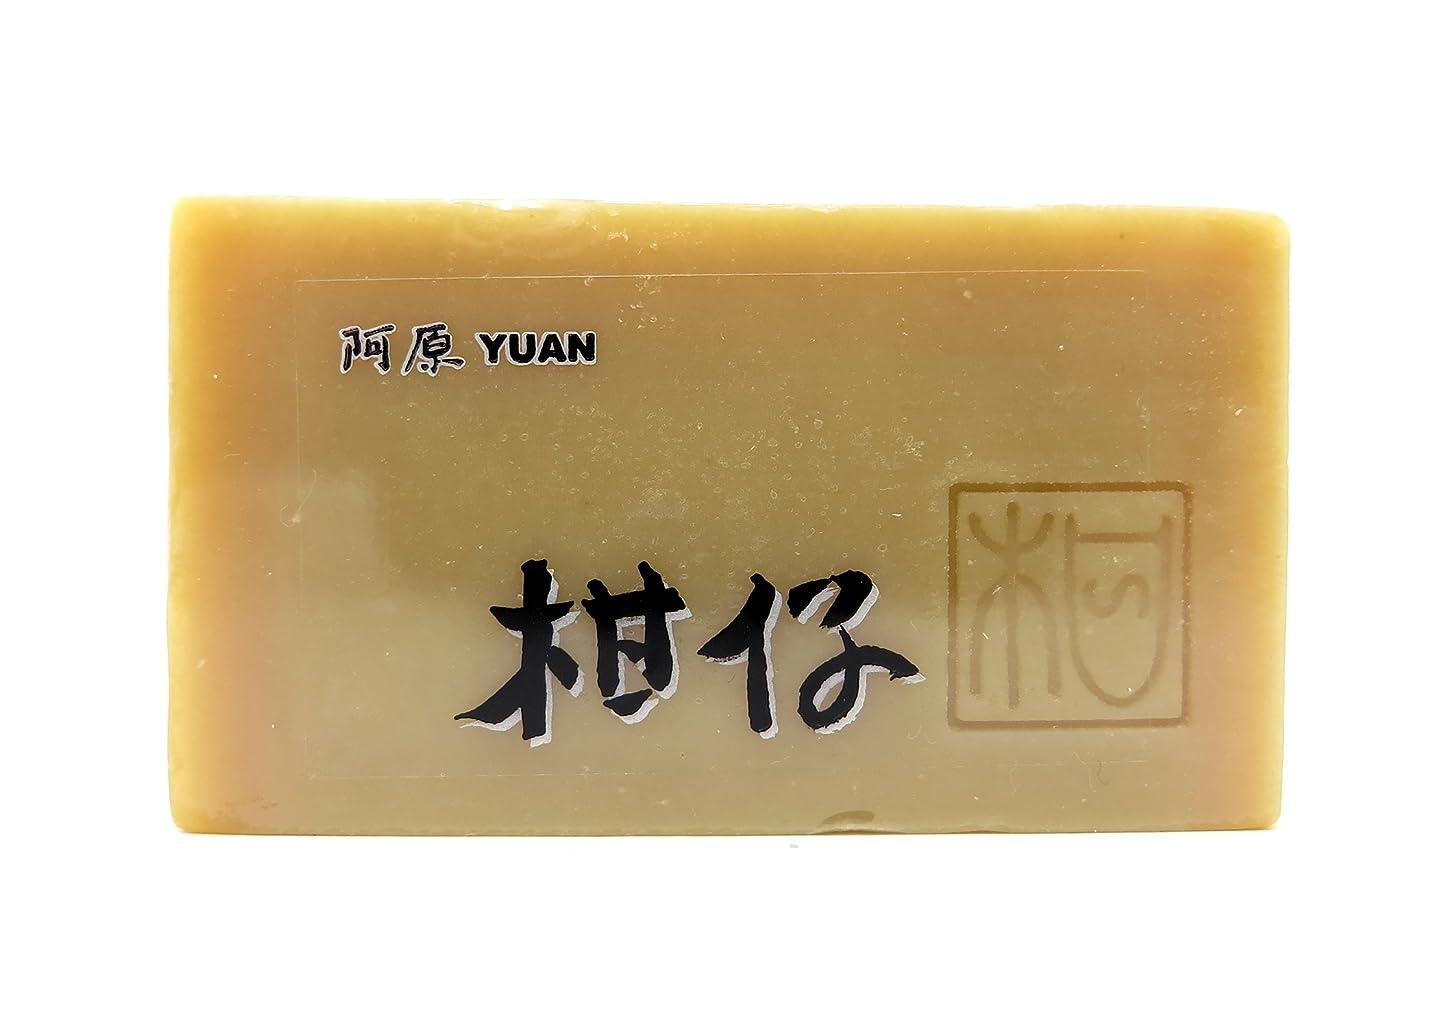 風変わりな満員醸造所ユアンソープ ベルガモットオレンジ 固形 100g